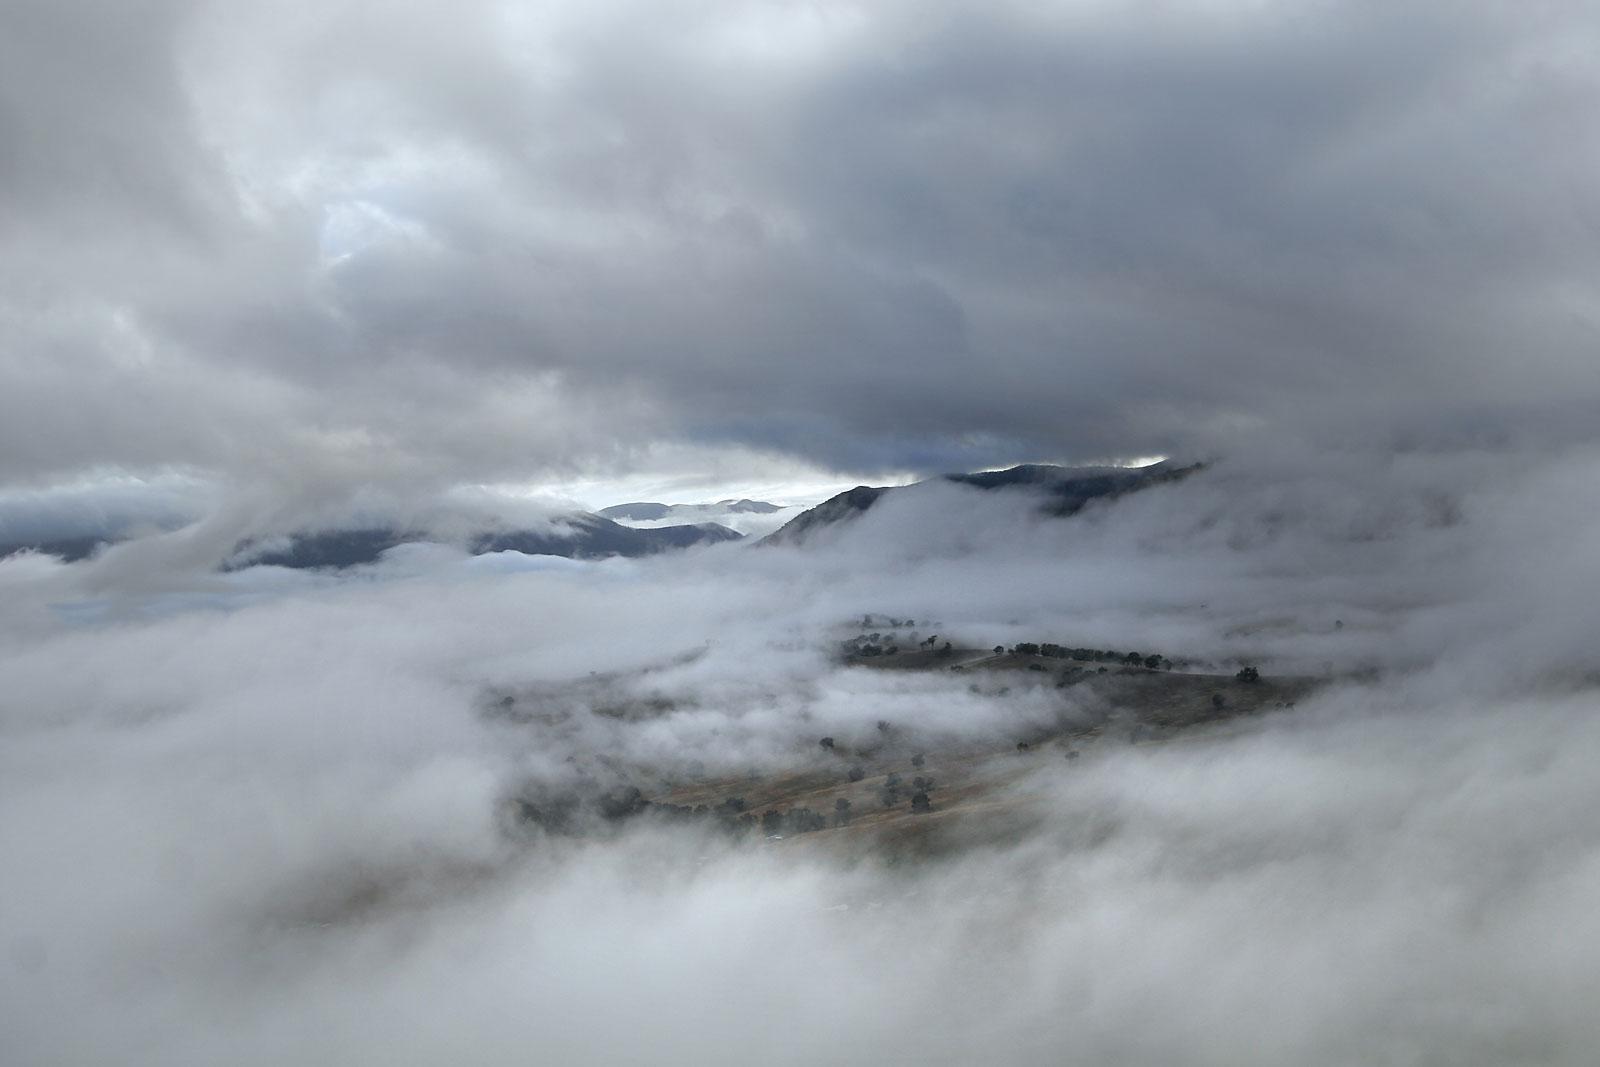 File:Heavy mist.jpg - Wikimedia Commons